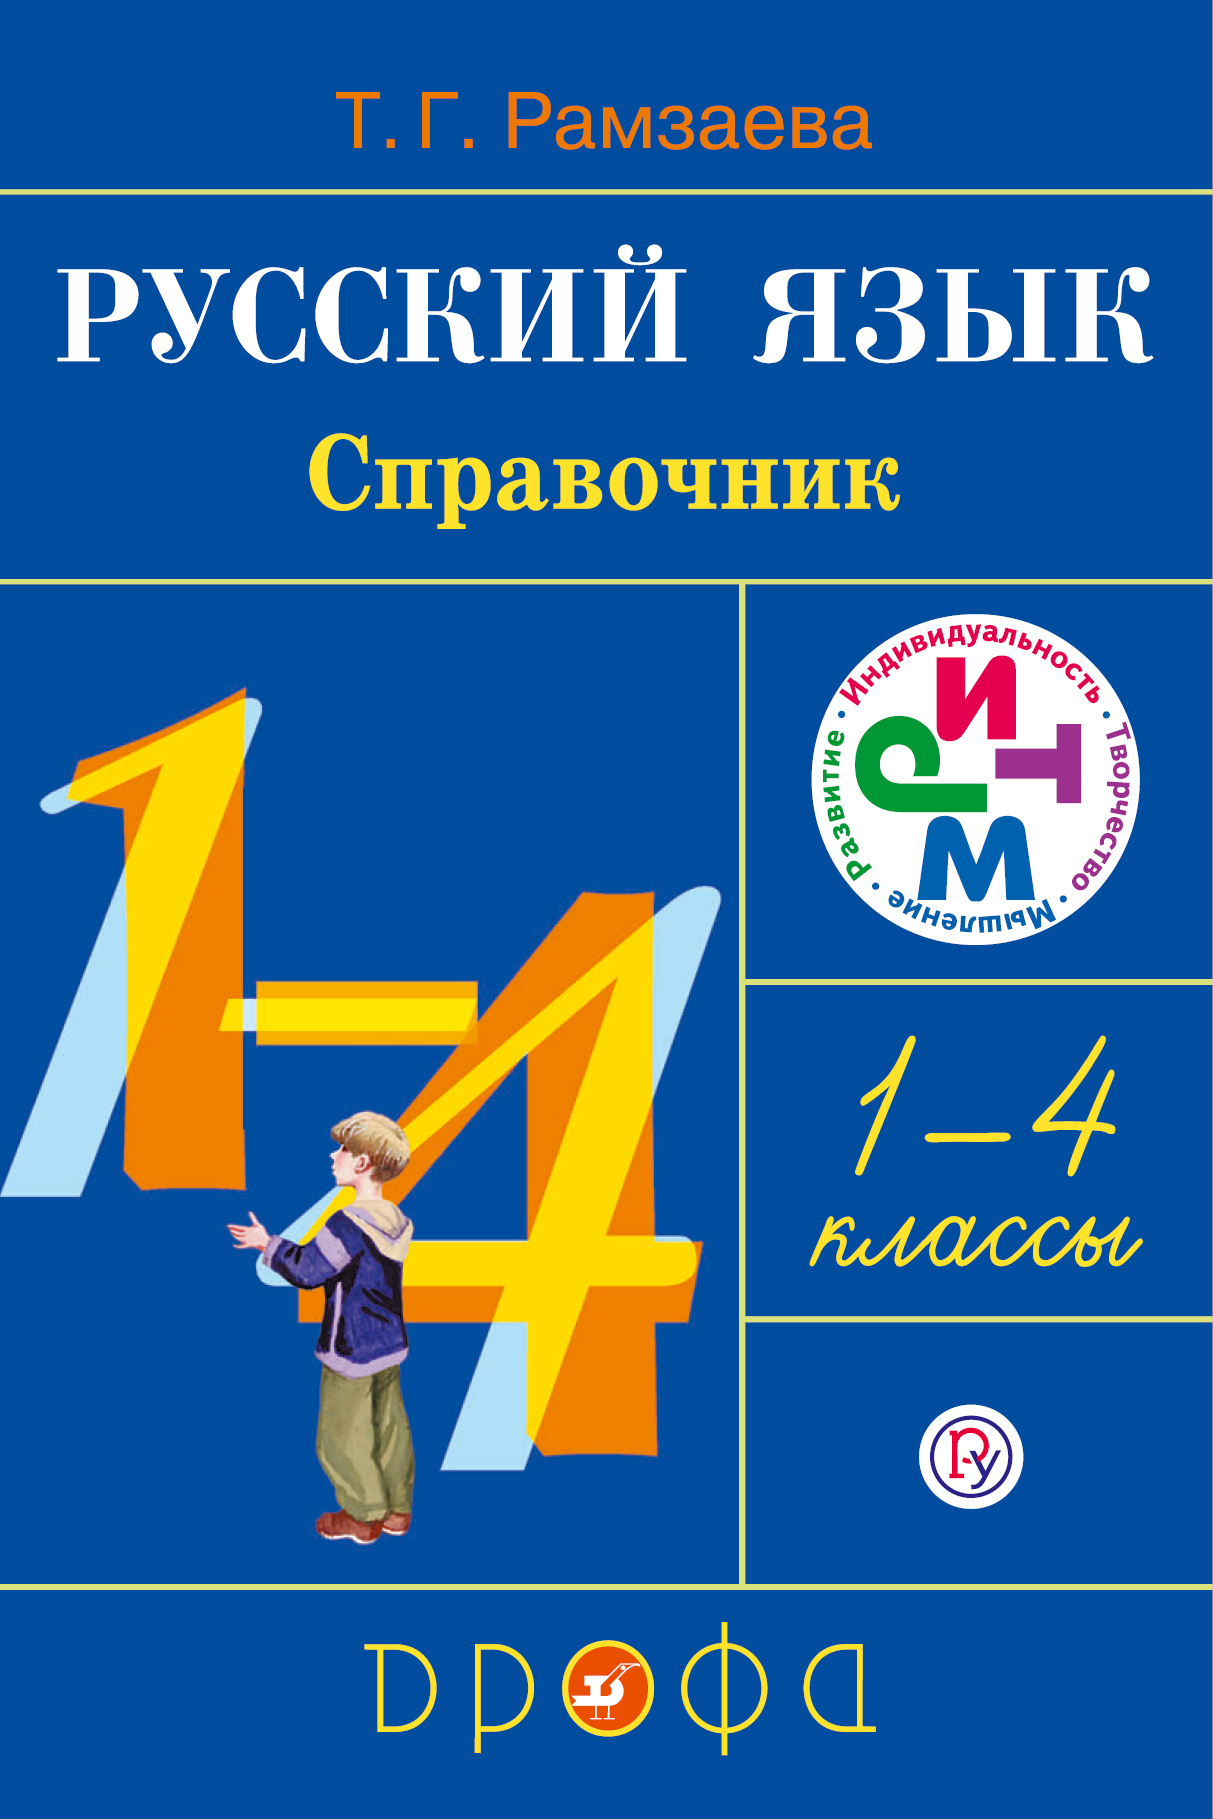 Русский язык в нач.шк.Справочник к учебнику. РИТМ